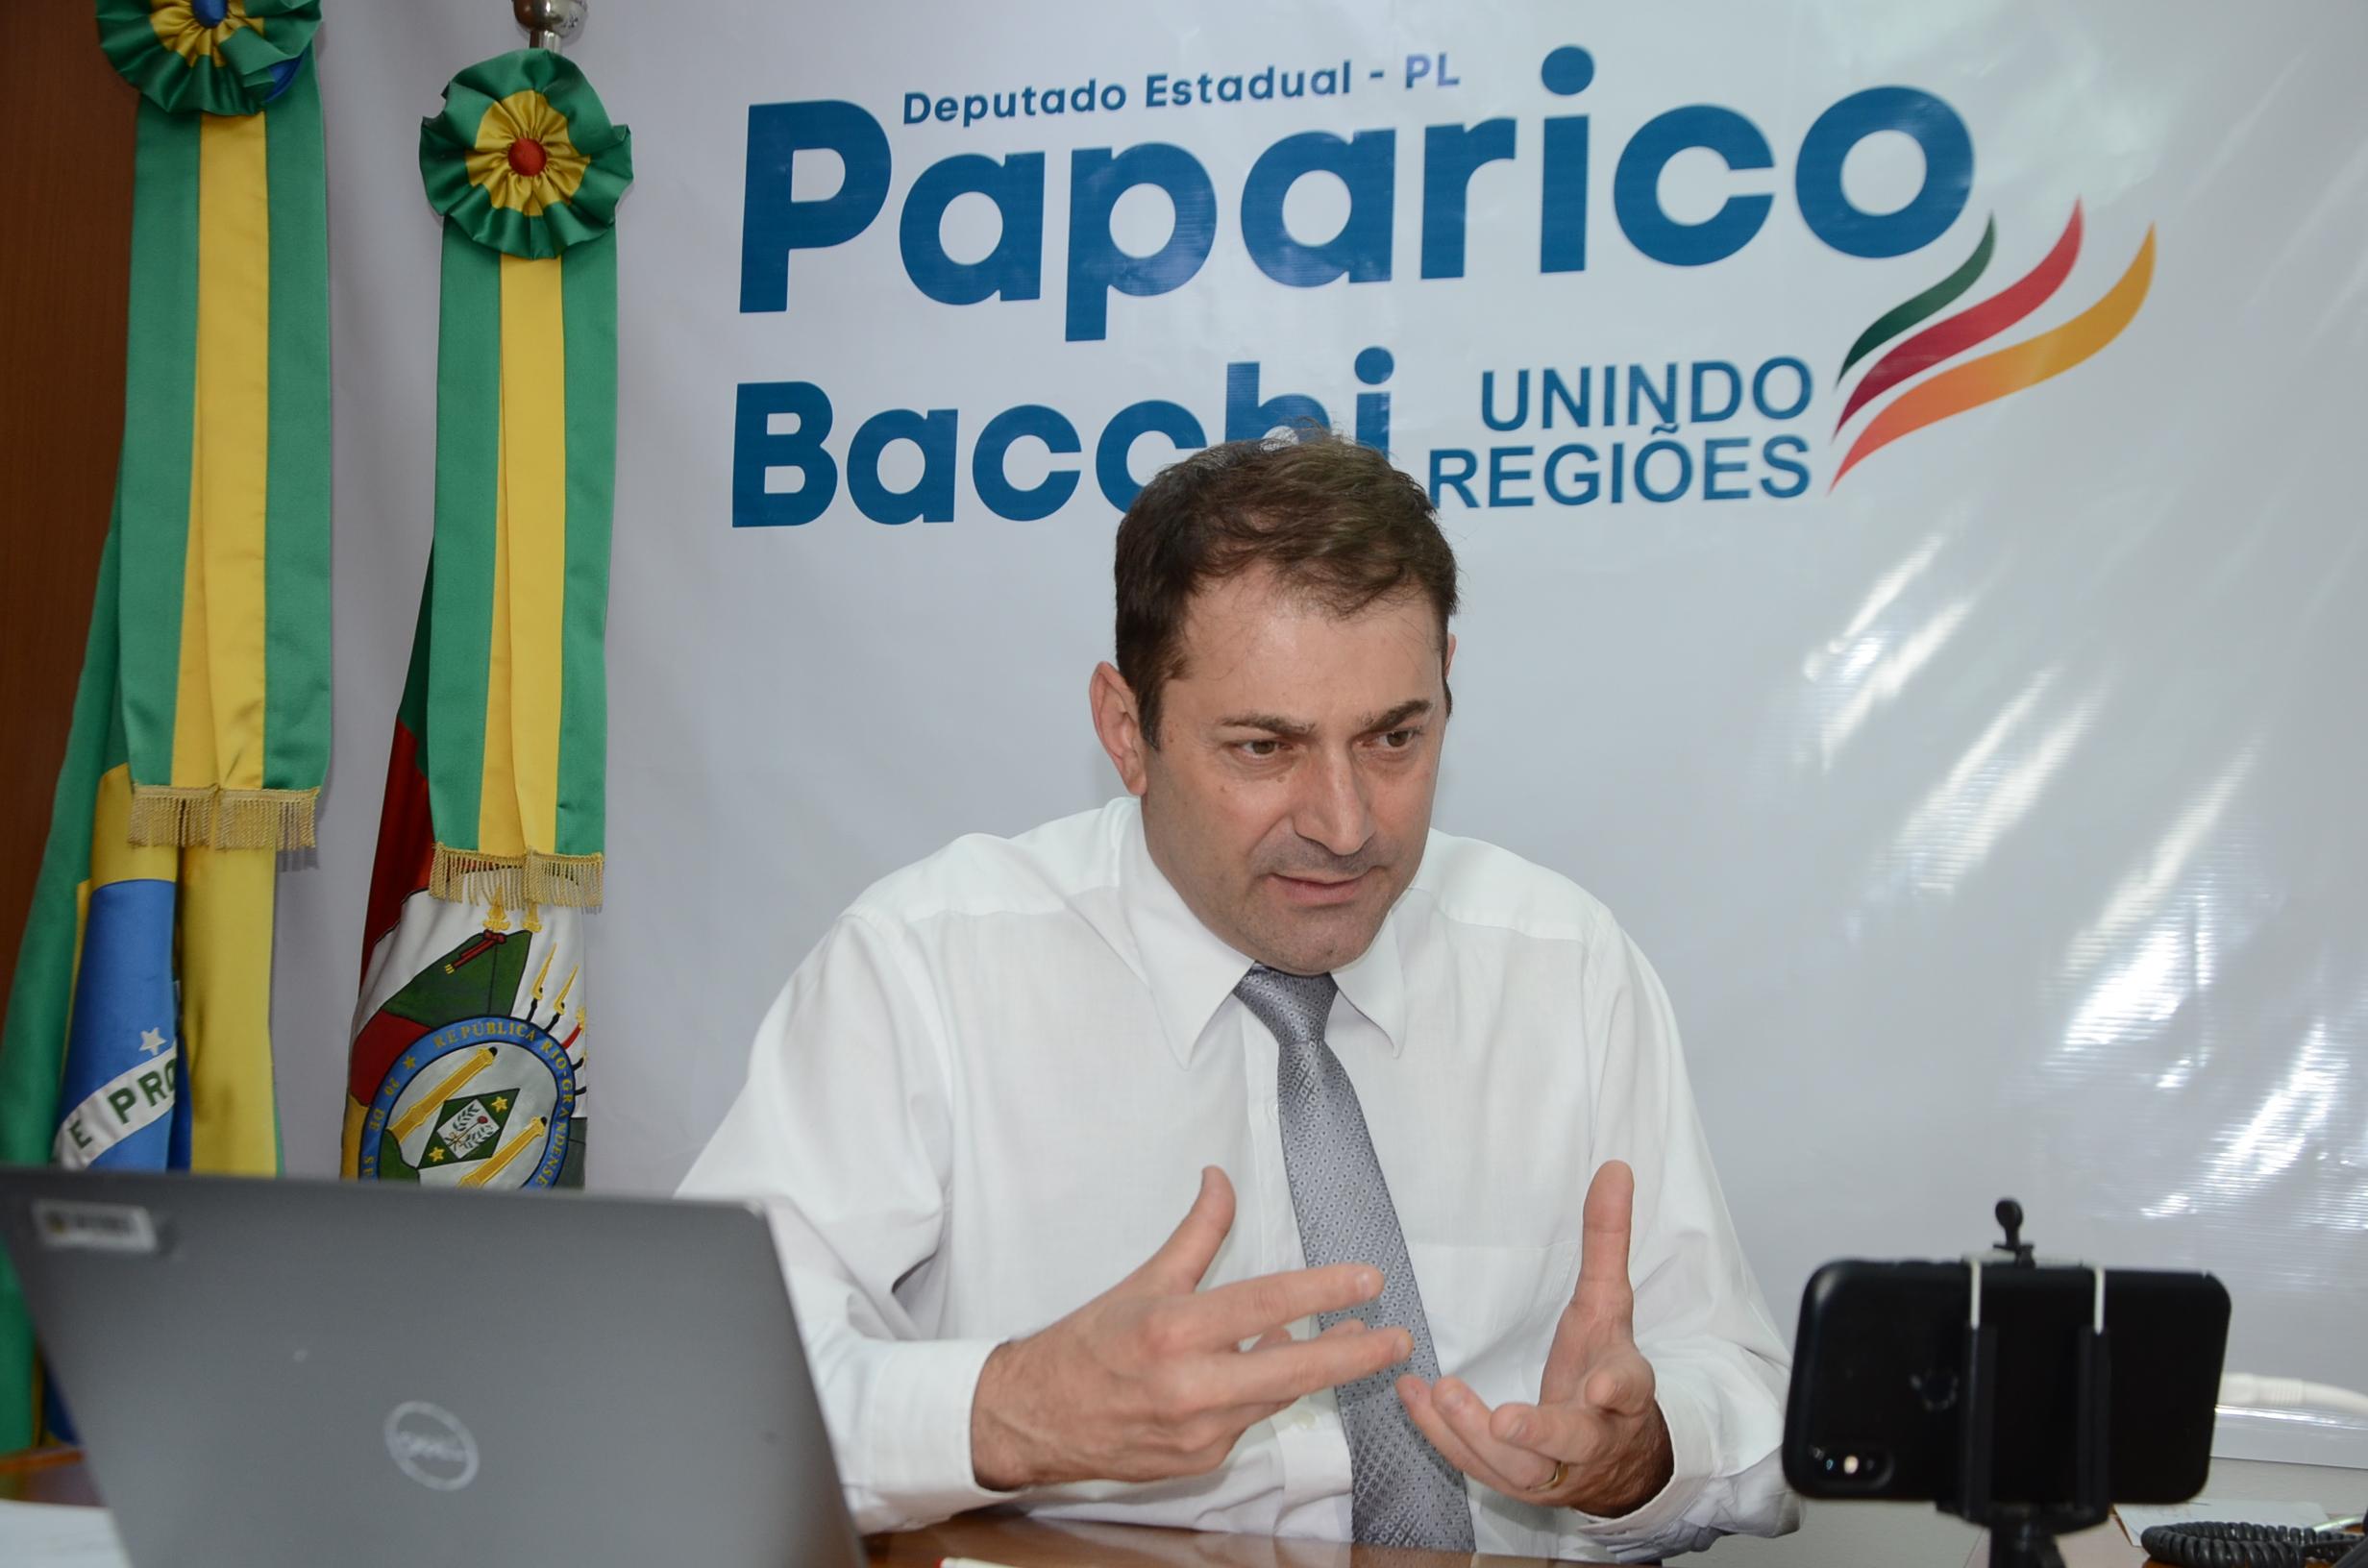 Deputado Paparico Bacchi propõe criação de cadastro estadual de voluntários no RS